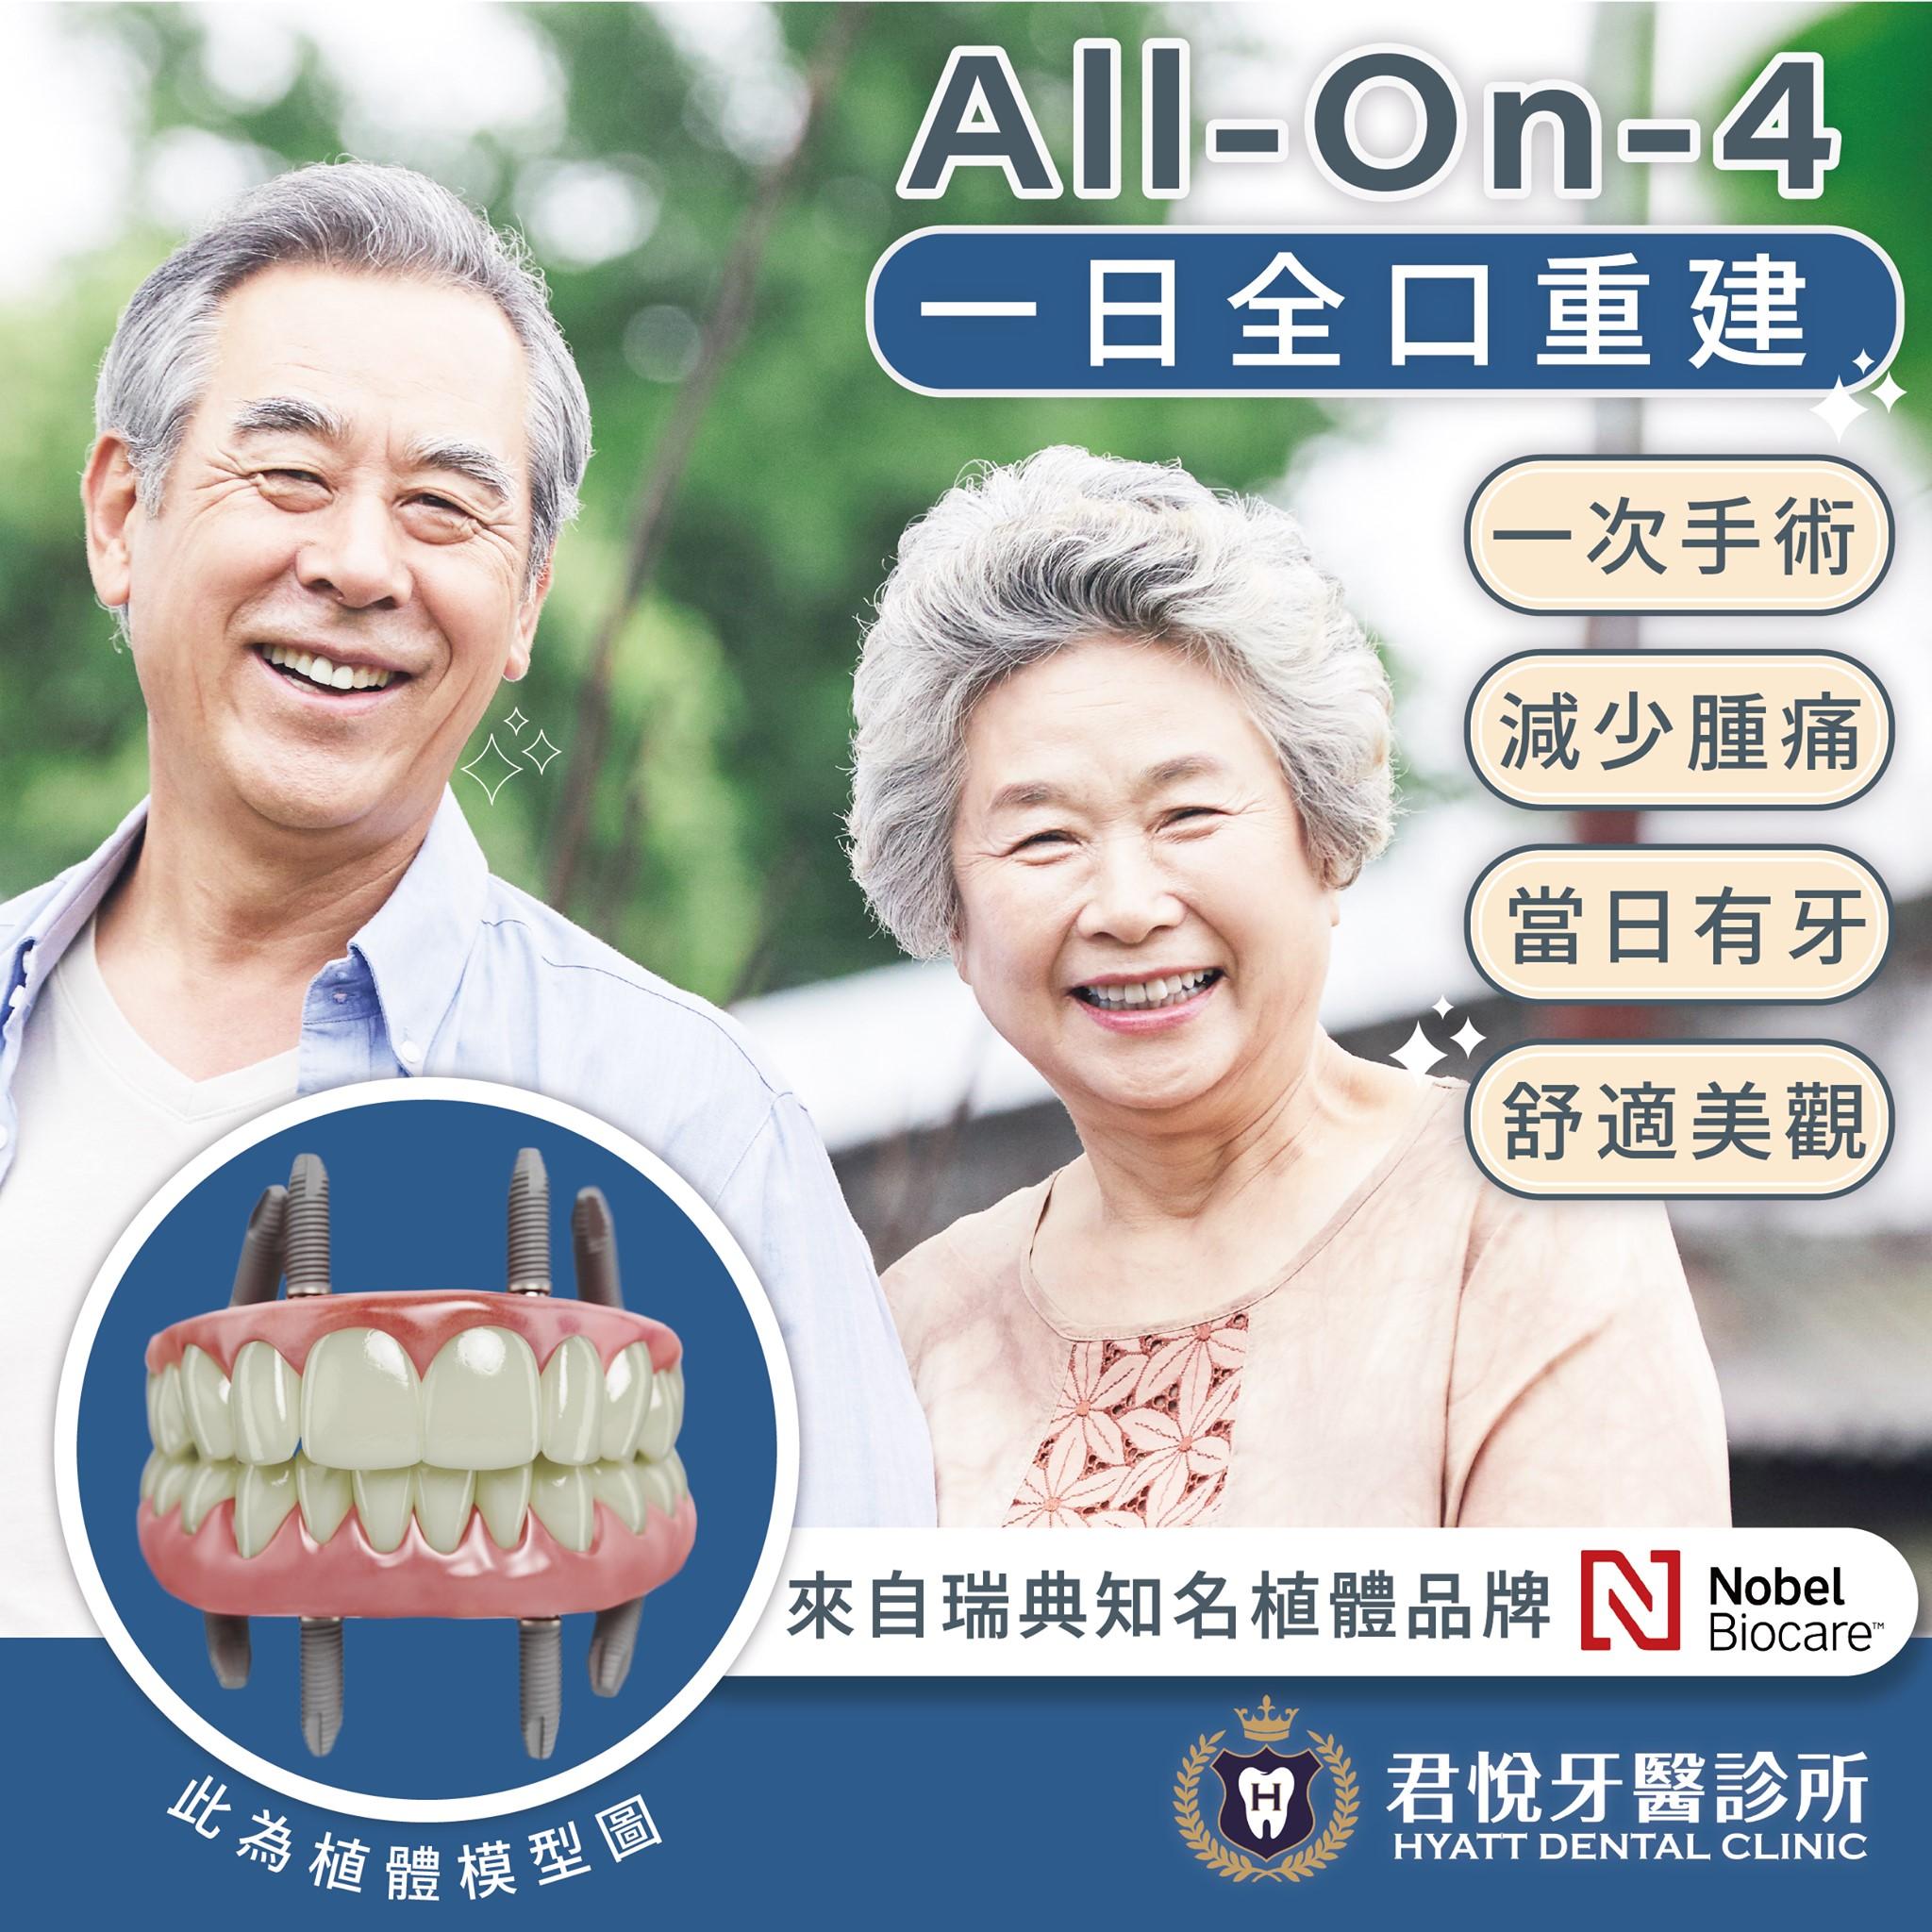 最新消息_【 All on 4 - 一日全口重建 】